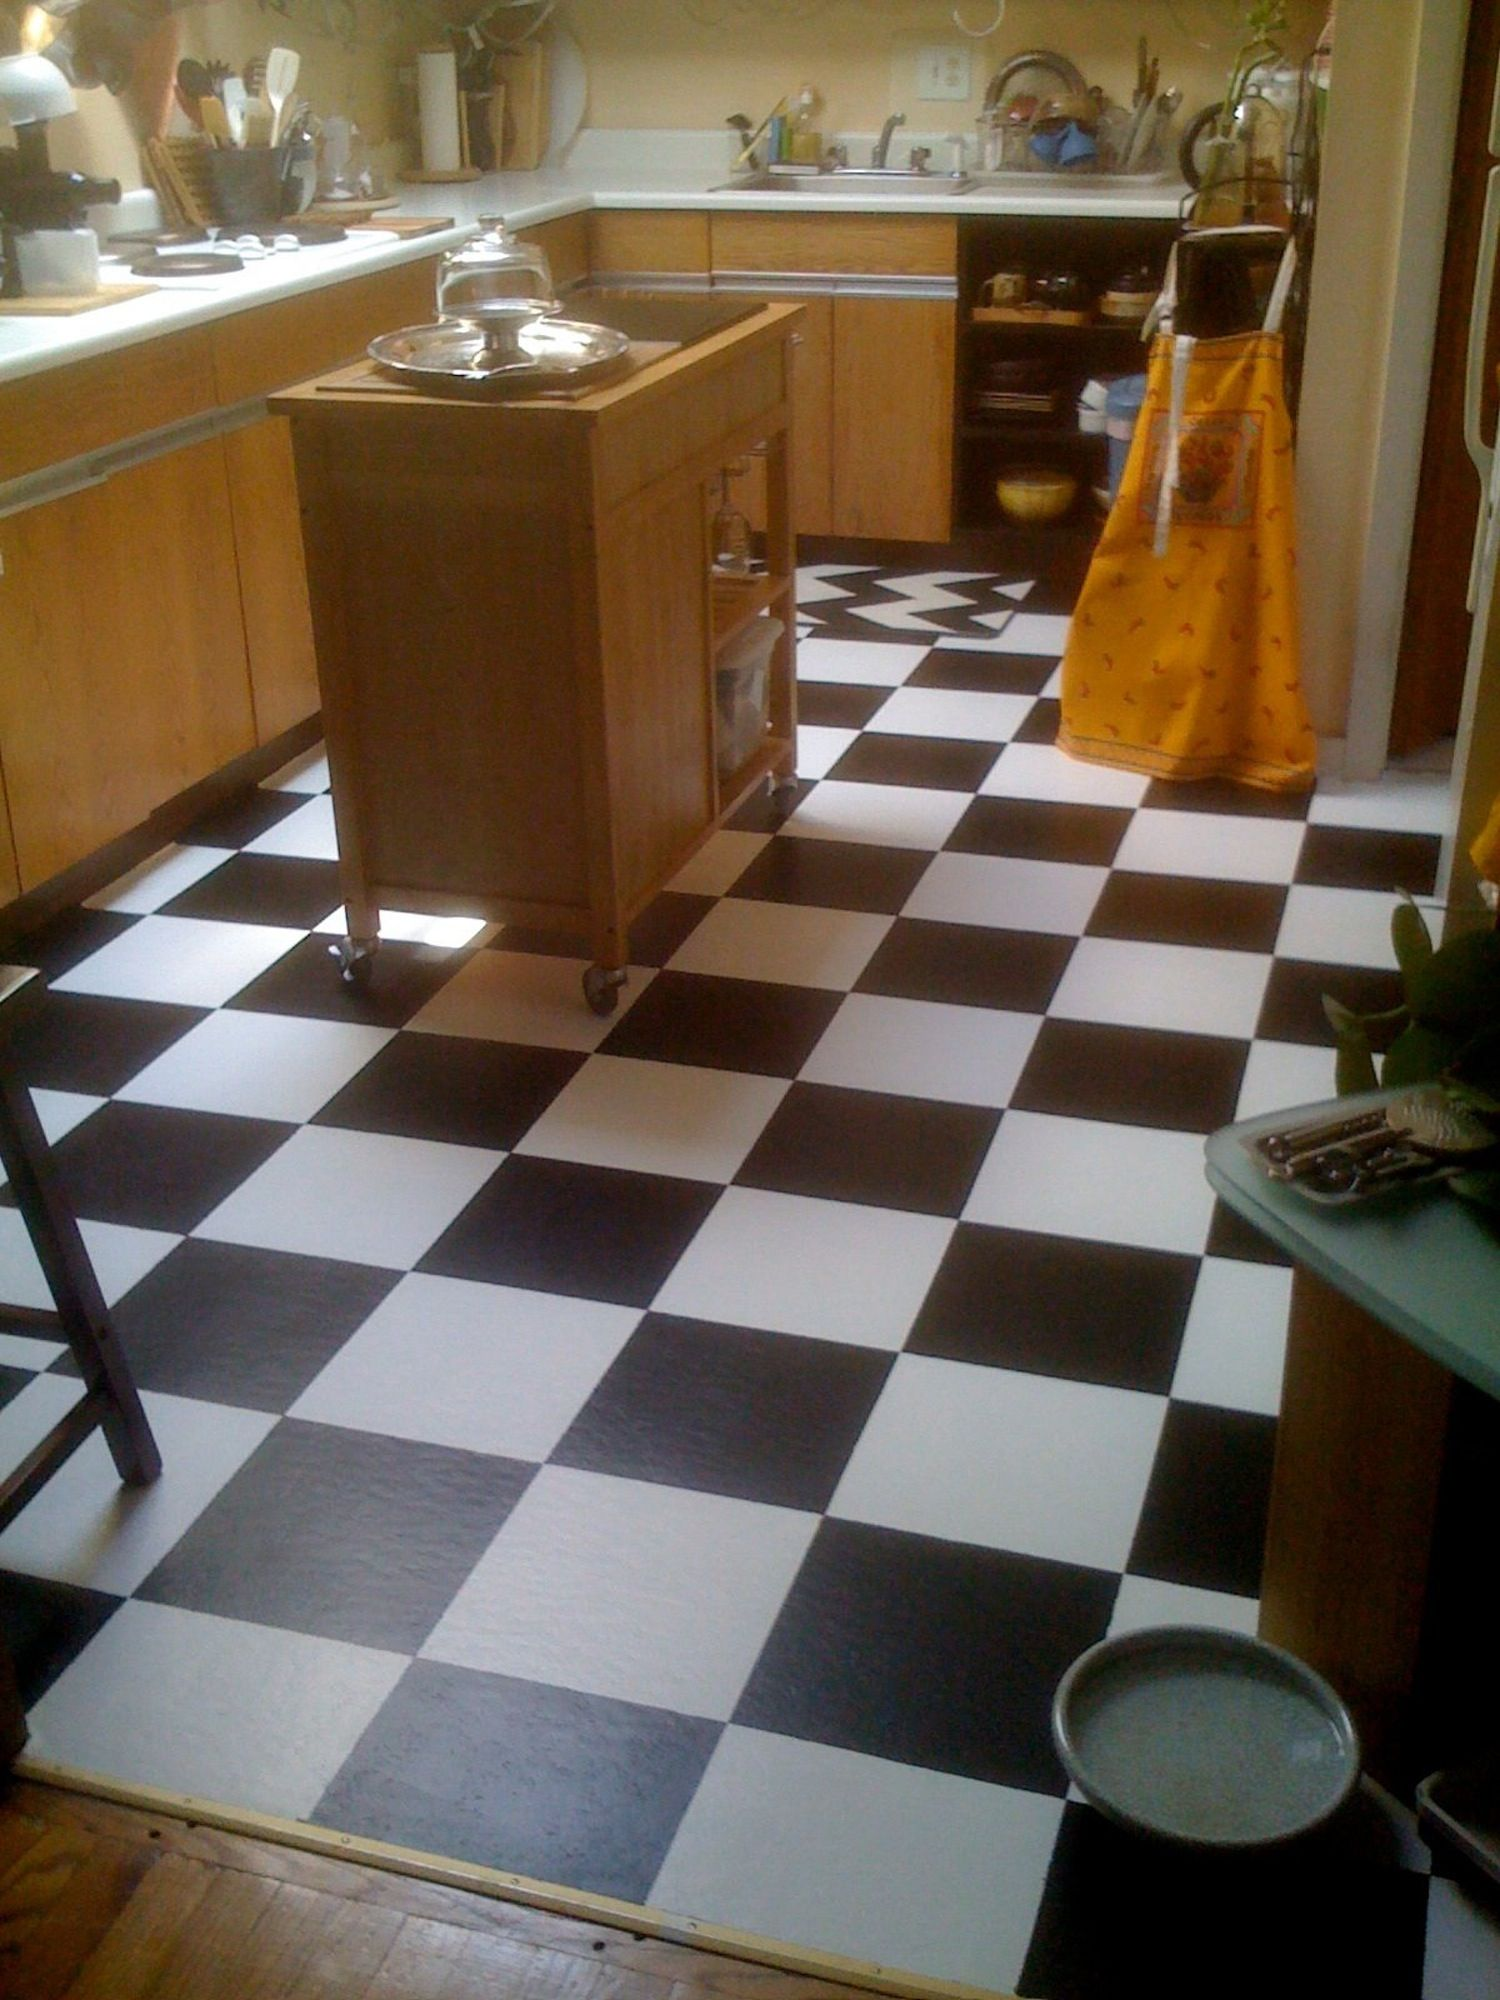 Diy Room Decor How To Paint Over Vinyl Floor Tiles Reno Ideas